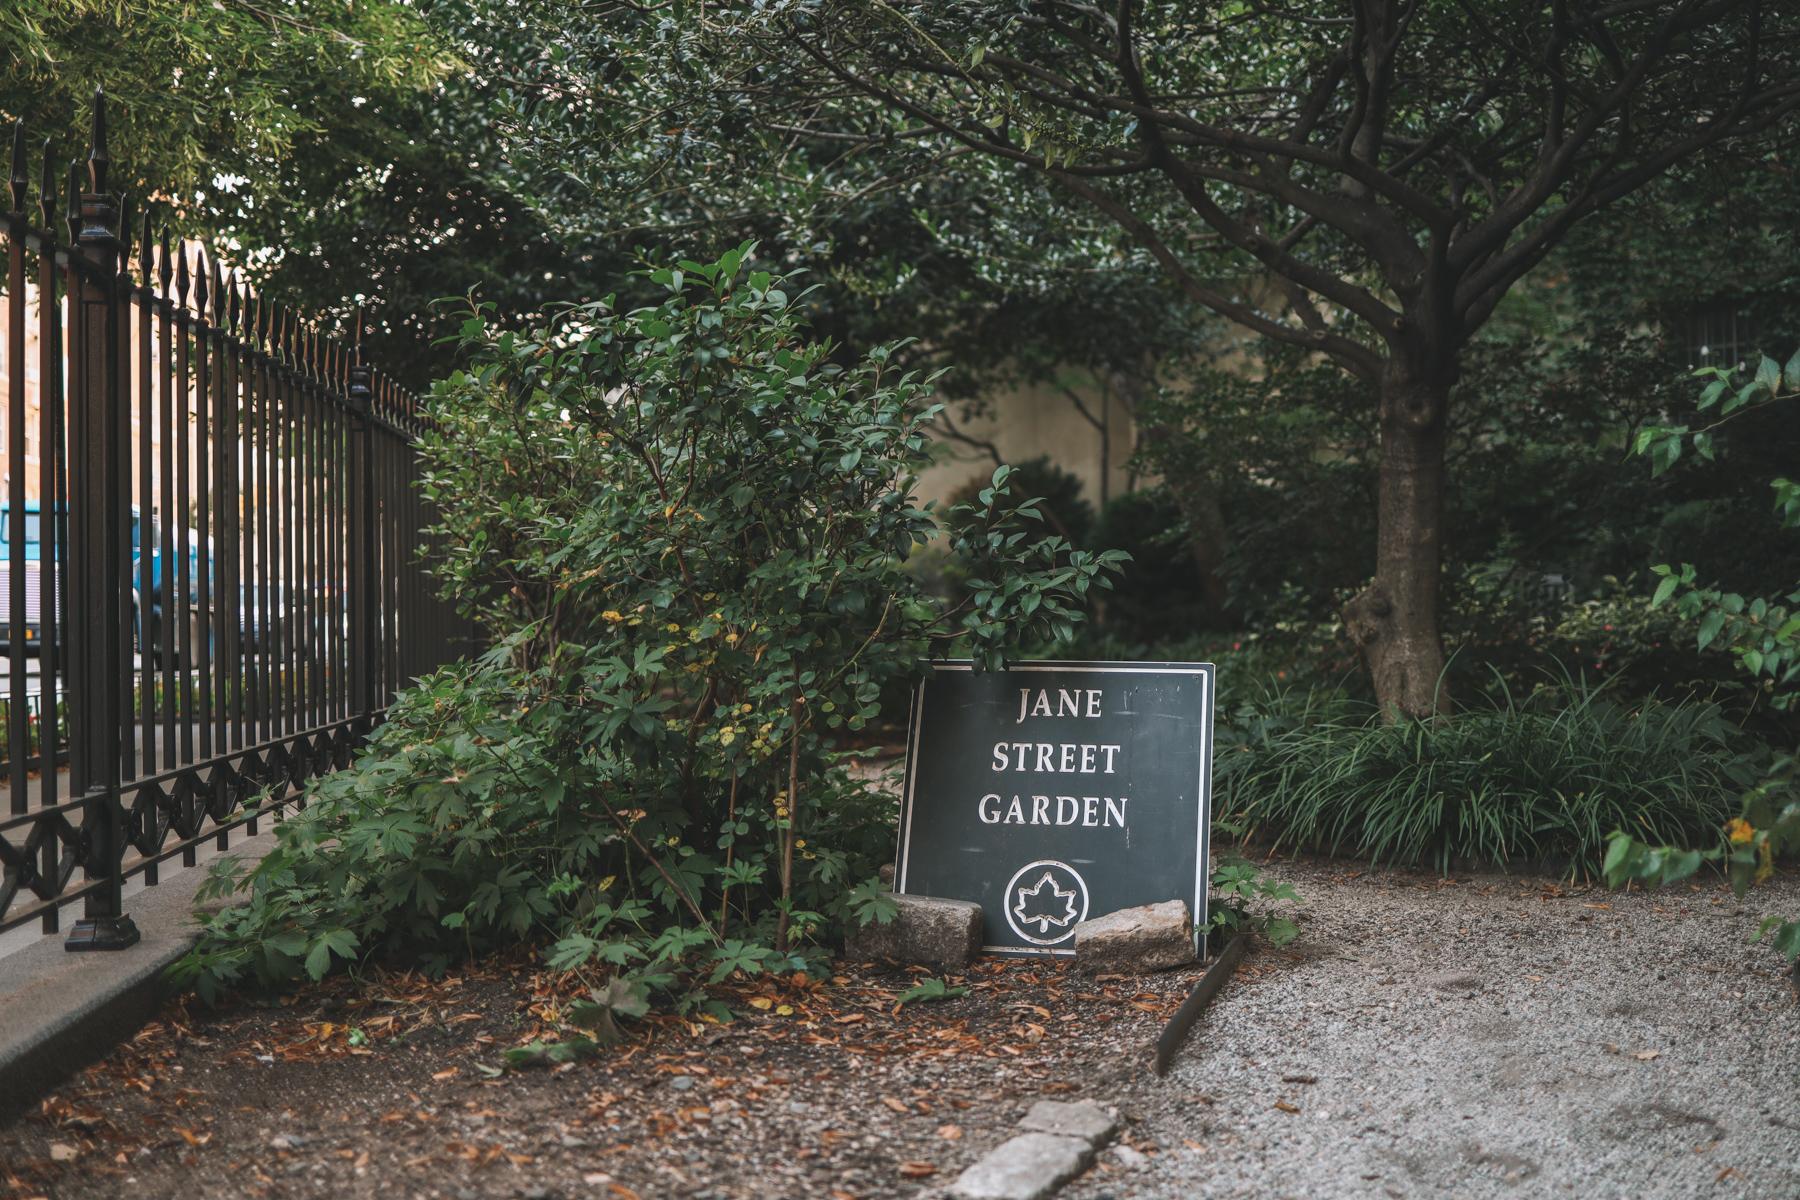 Jane Street Garden